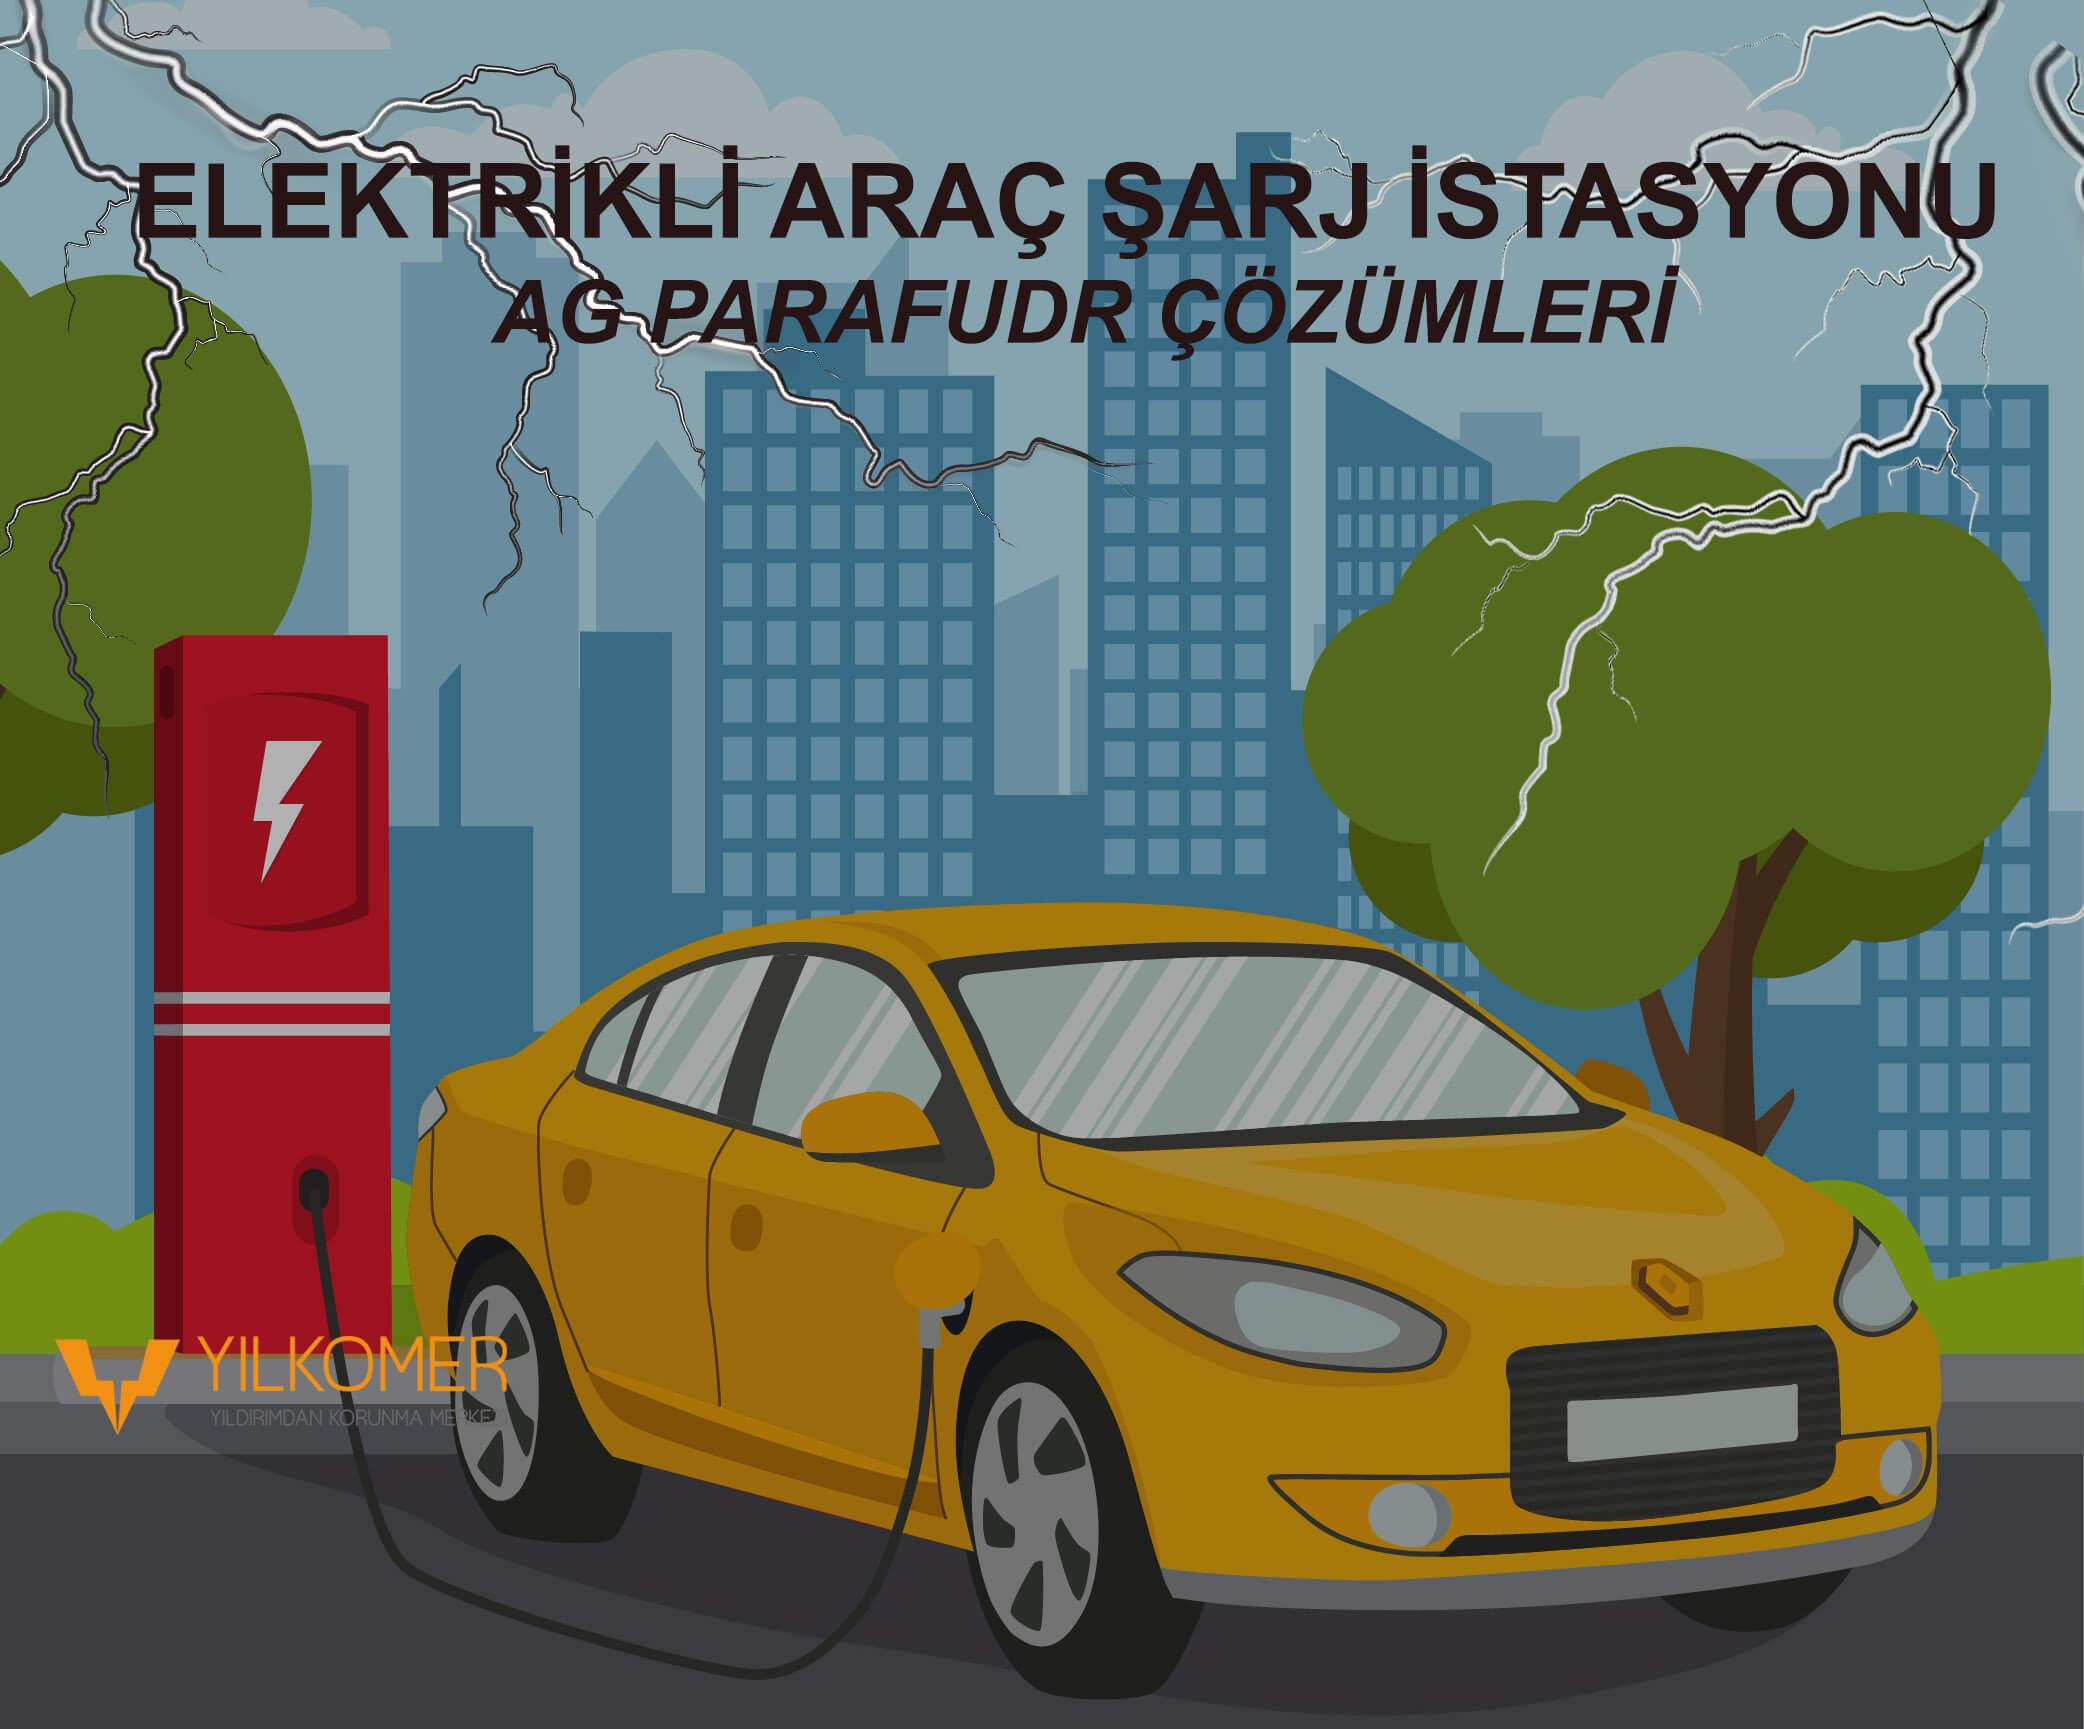 Elektrik Şarj İstasyonu AG Parafudr Çözümleri